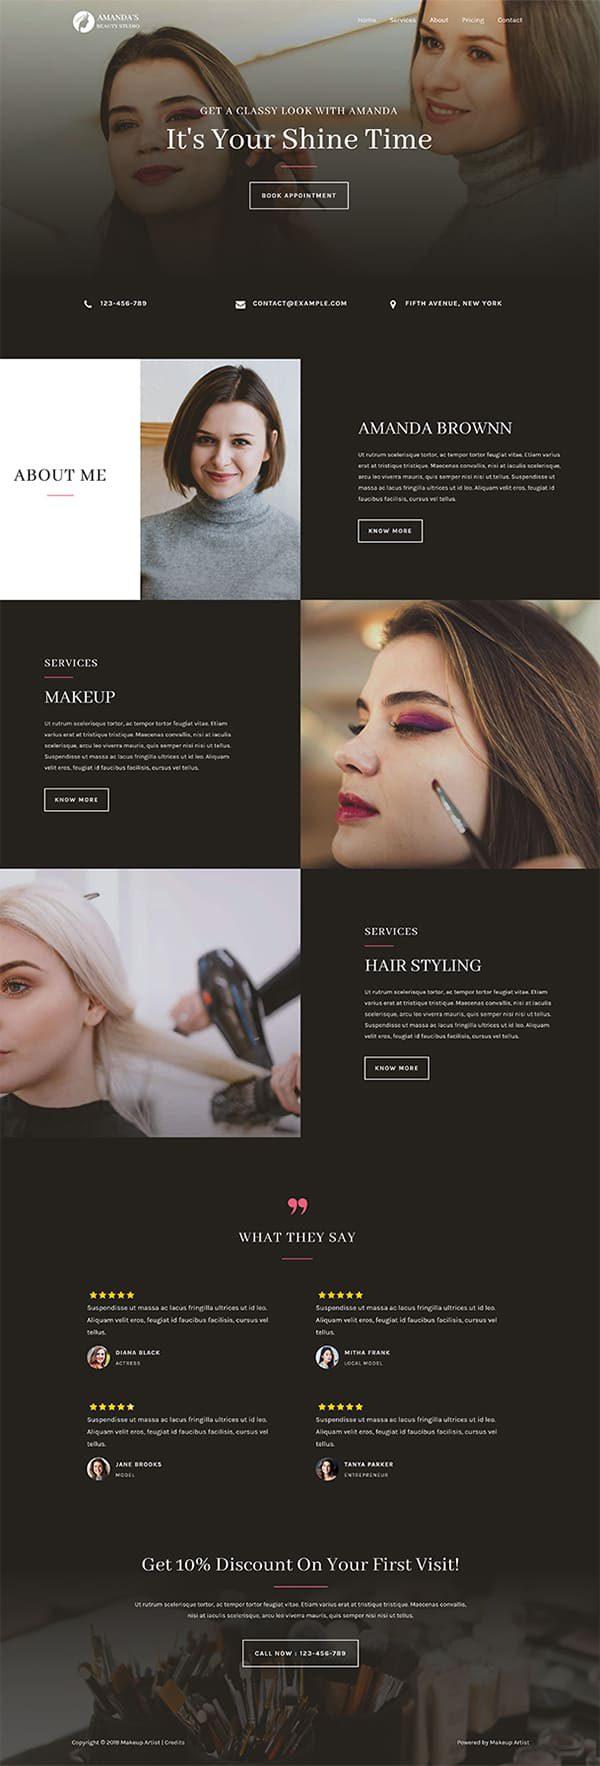 Готовый сайт. Визажист, стилист, салон красоты, парикмахерская